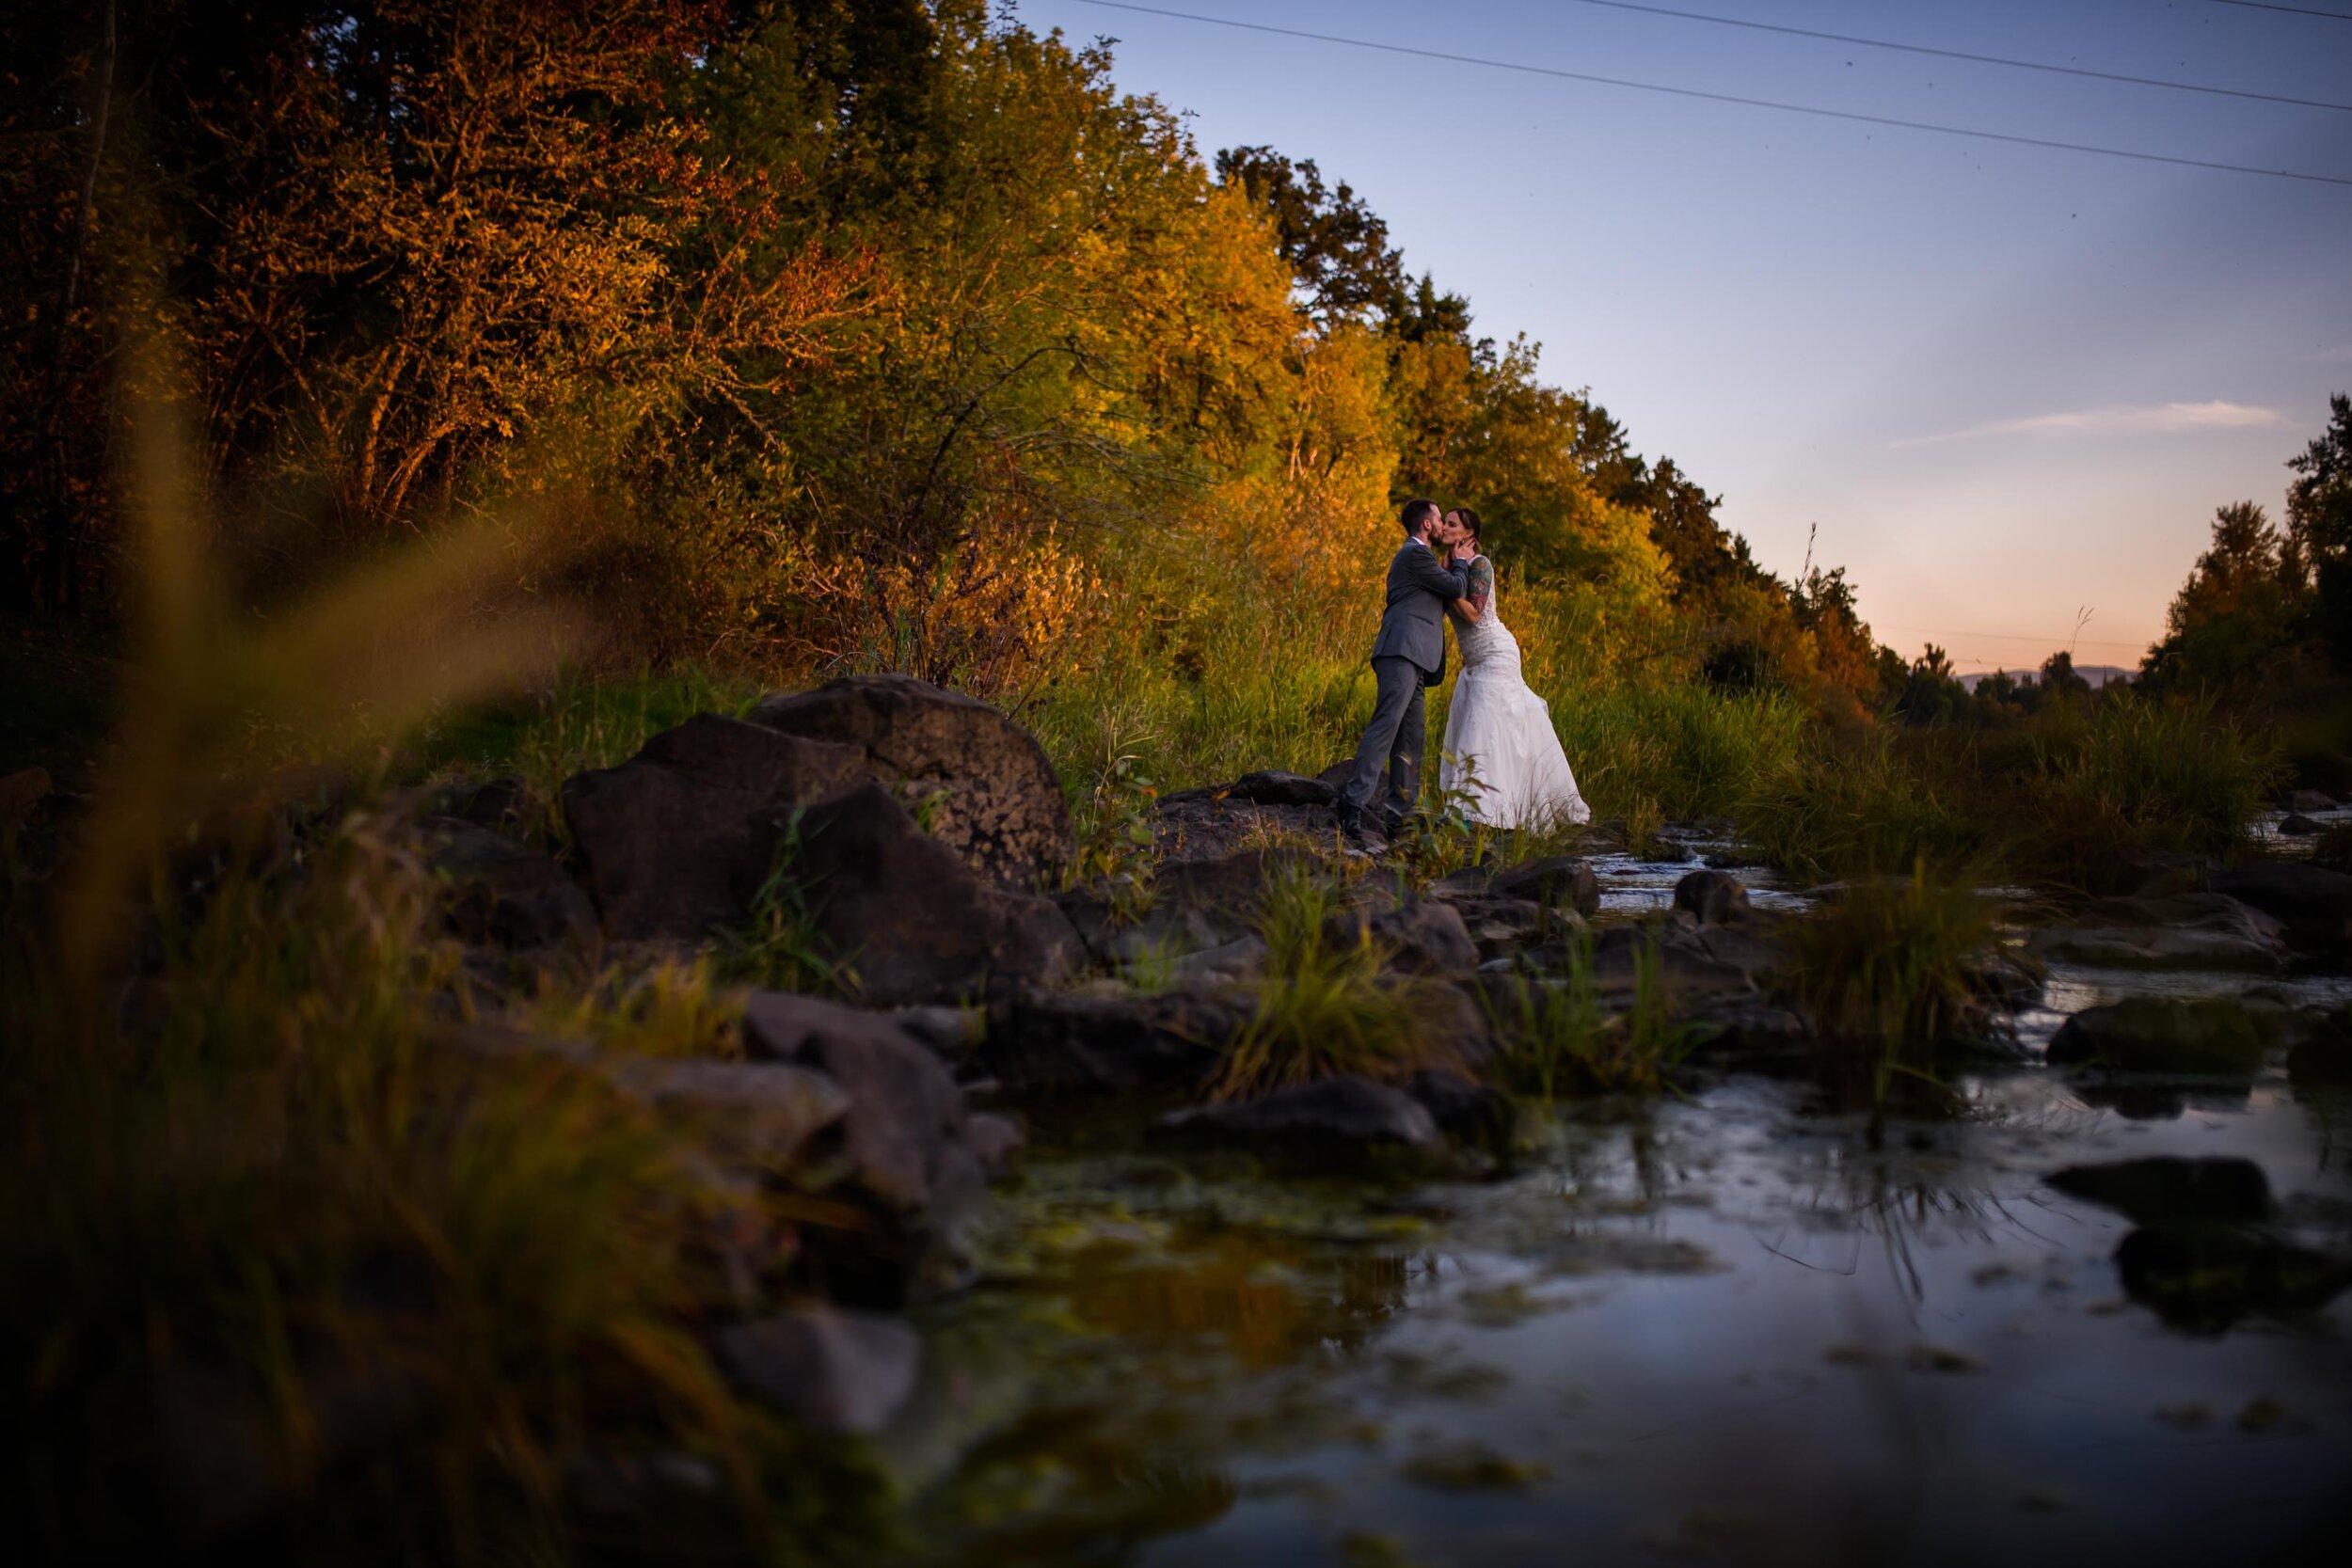 Mt. Pisgah Arboretum wedding photos 109.JPG